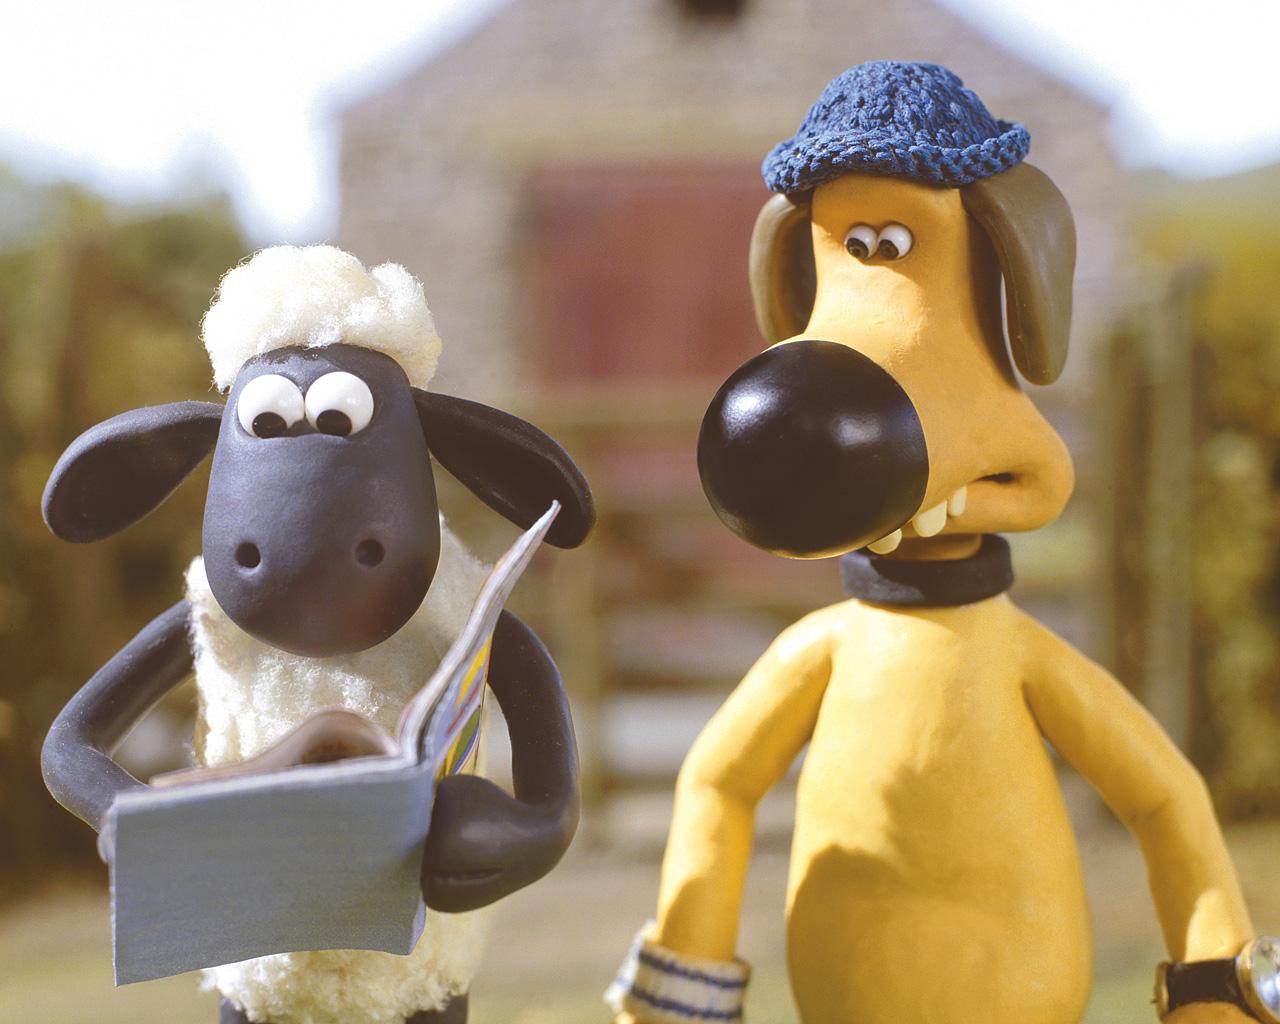 http://3.bp.blogspot.com/-fwkIdsmagk4/UFgMlYP8h_I/AAAAAAAAAVg/GvGmXrmQ1sM/s1600/Shaun_the_Sheep_07.jpg